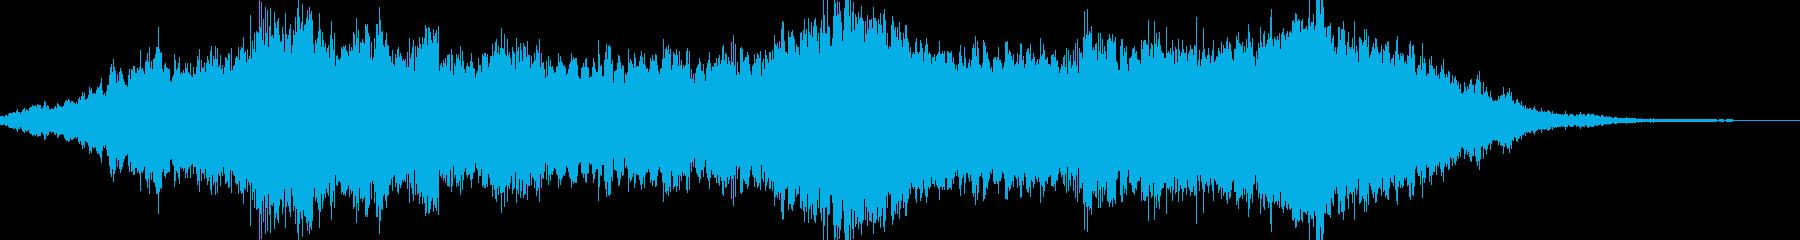 【ホラー】魔界の再生済みの波形